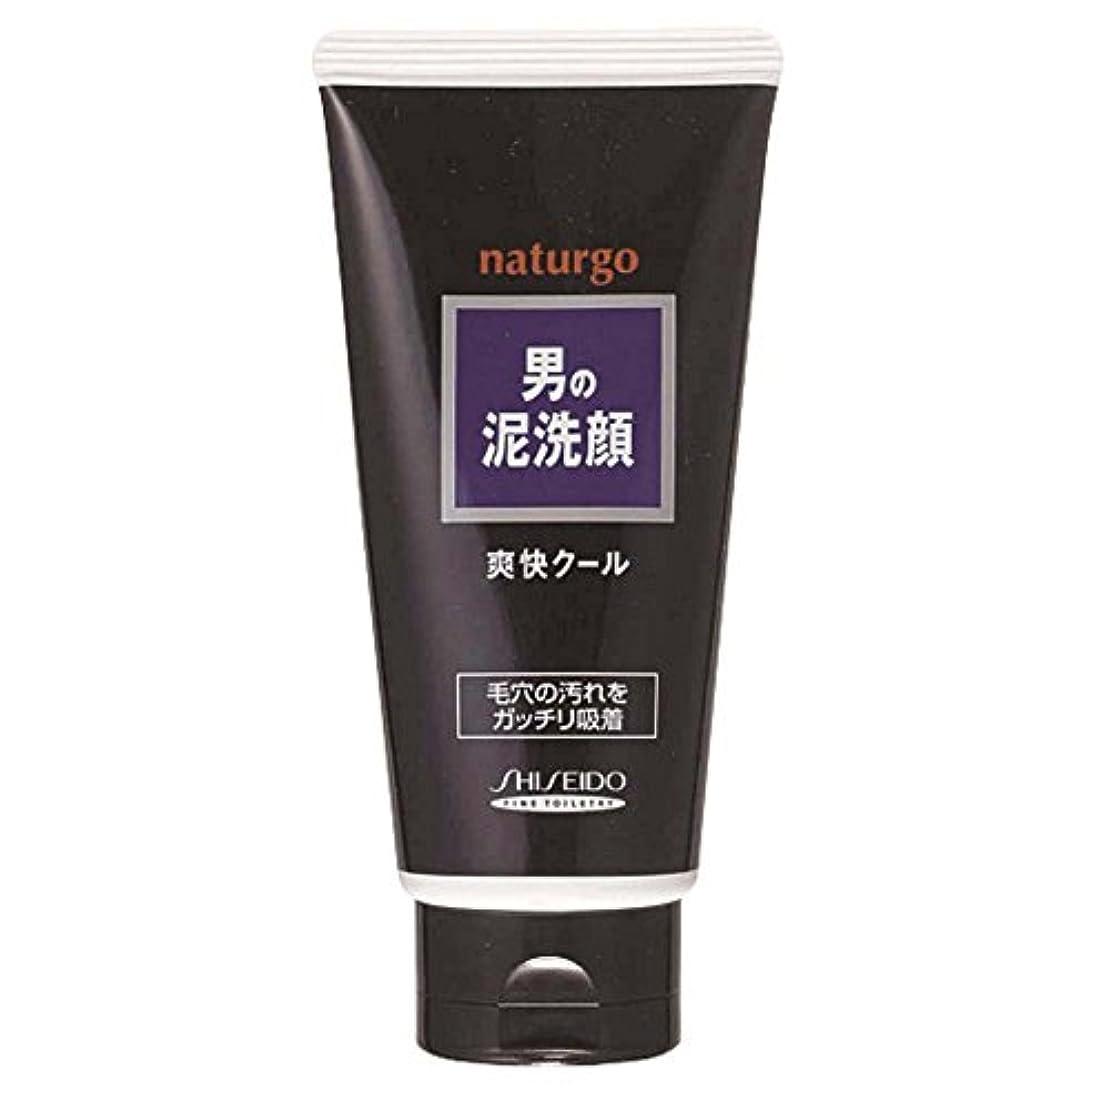 むき出し擬人化新しさナチュルゴ メンズクレイ洗顔フォーム黒 130g